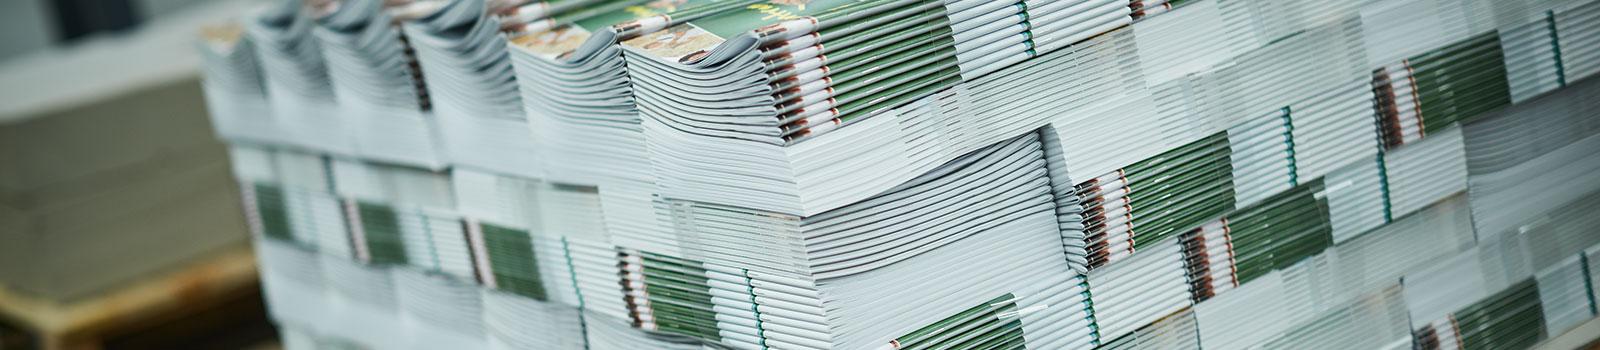 Druck-Produkte der Druckerei Satzdruck aus Coesfeld (NRW)